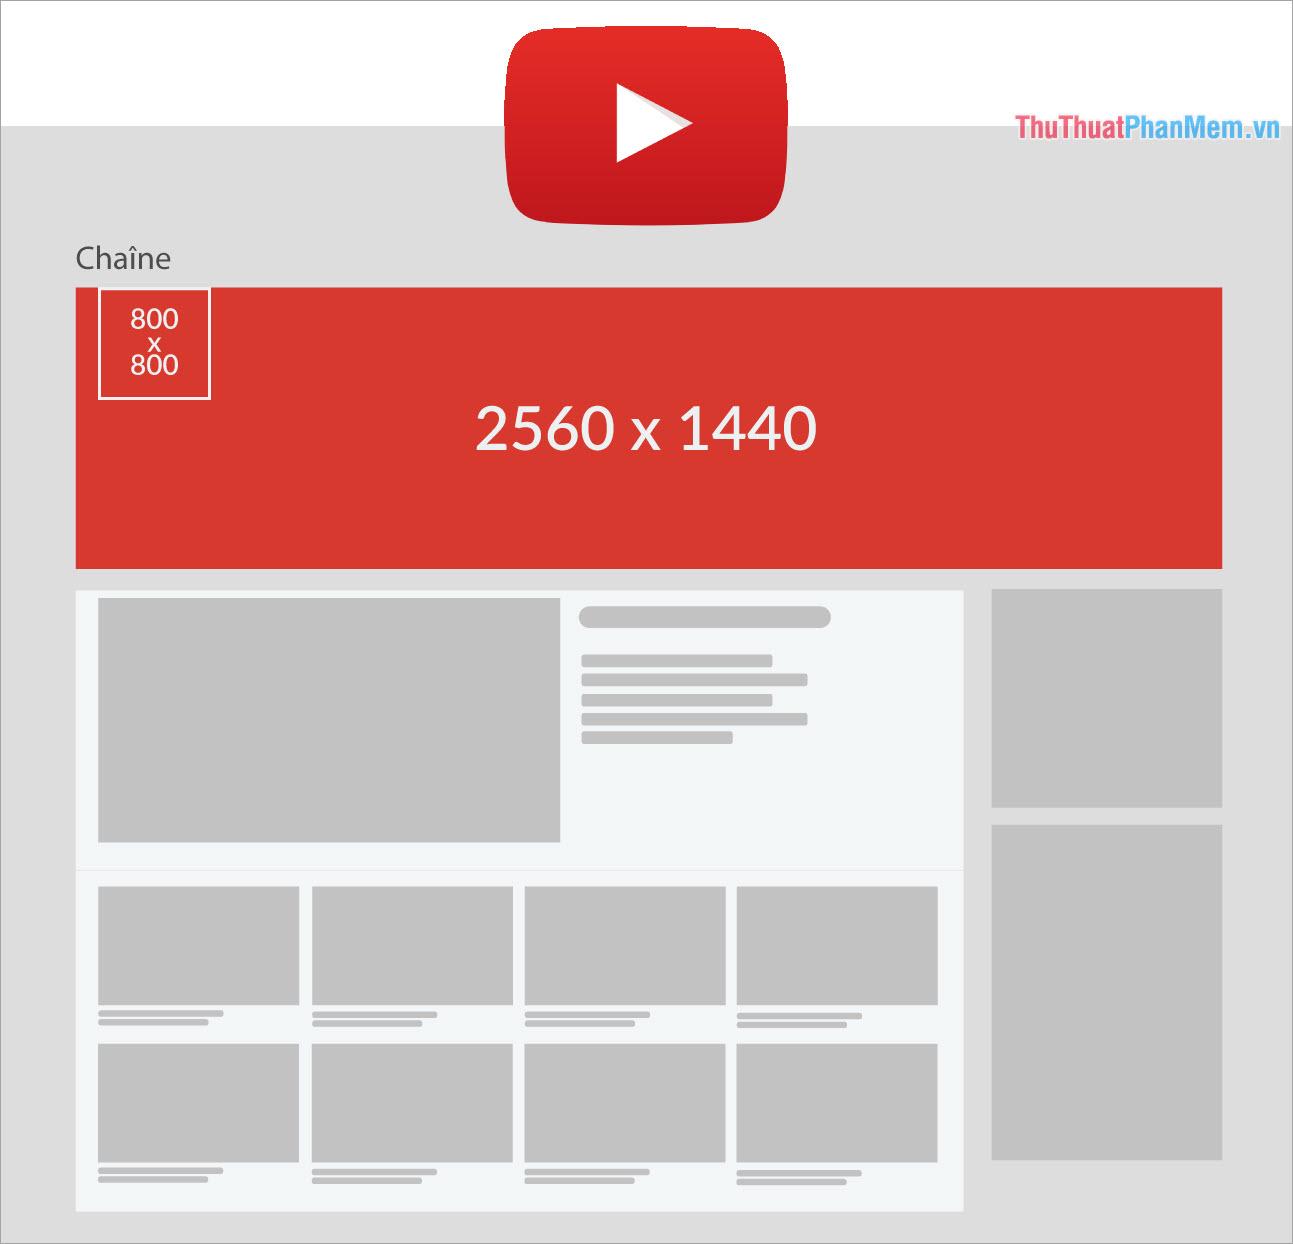 Kích thước ảnh bìa Youtube